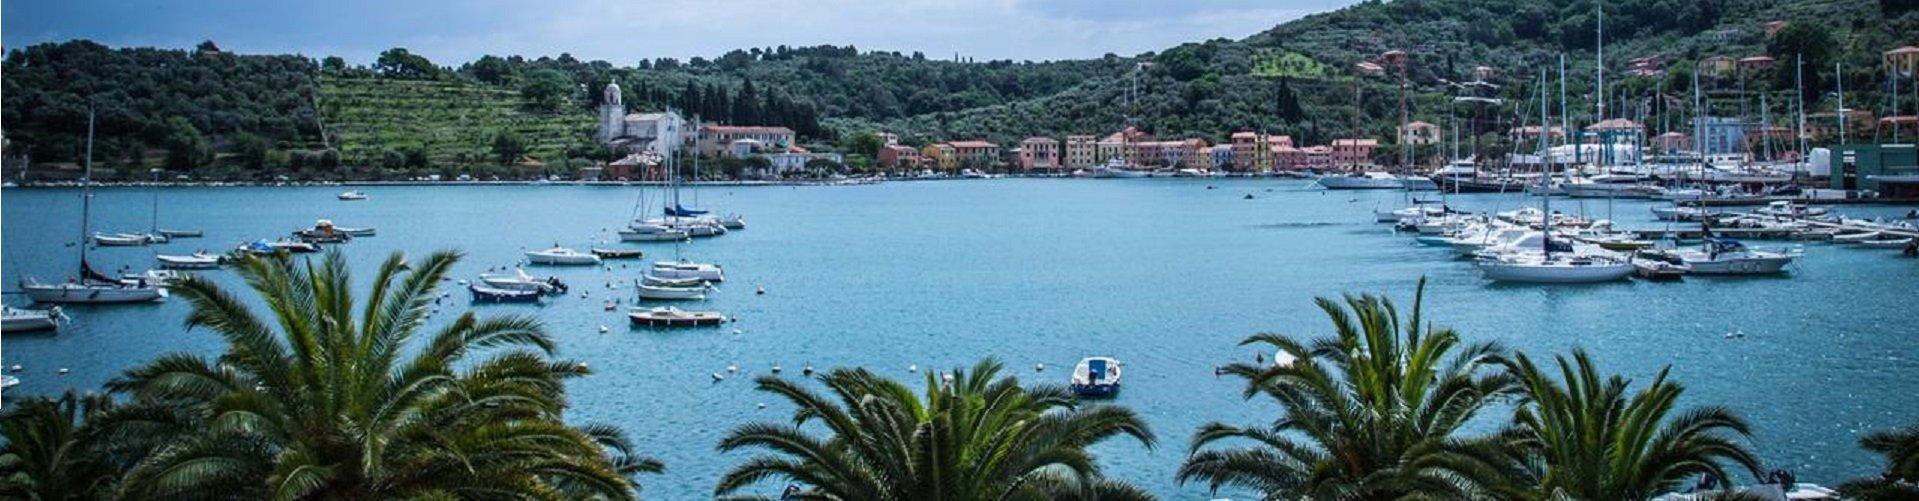 Bannerfoto Hotel Della Baia